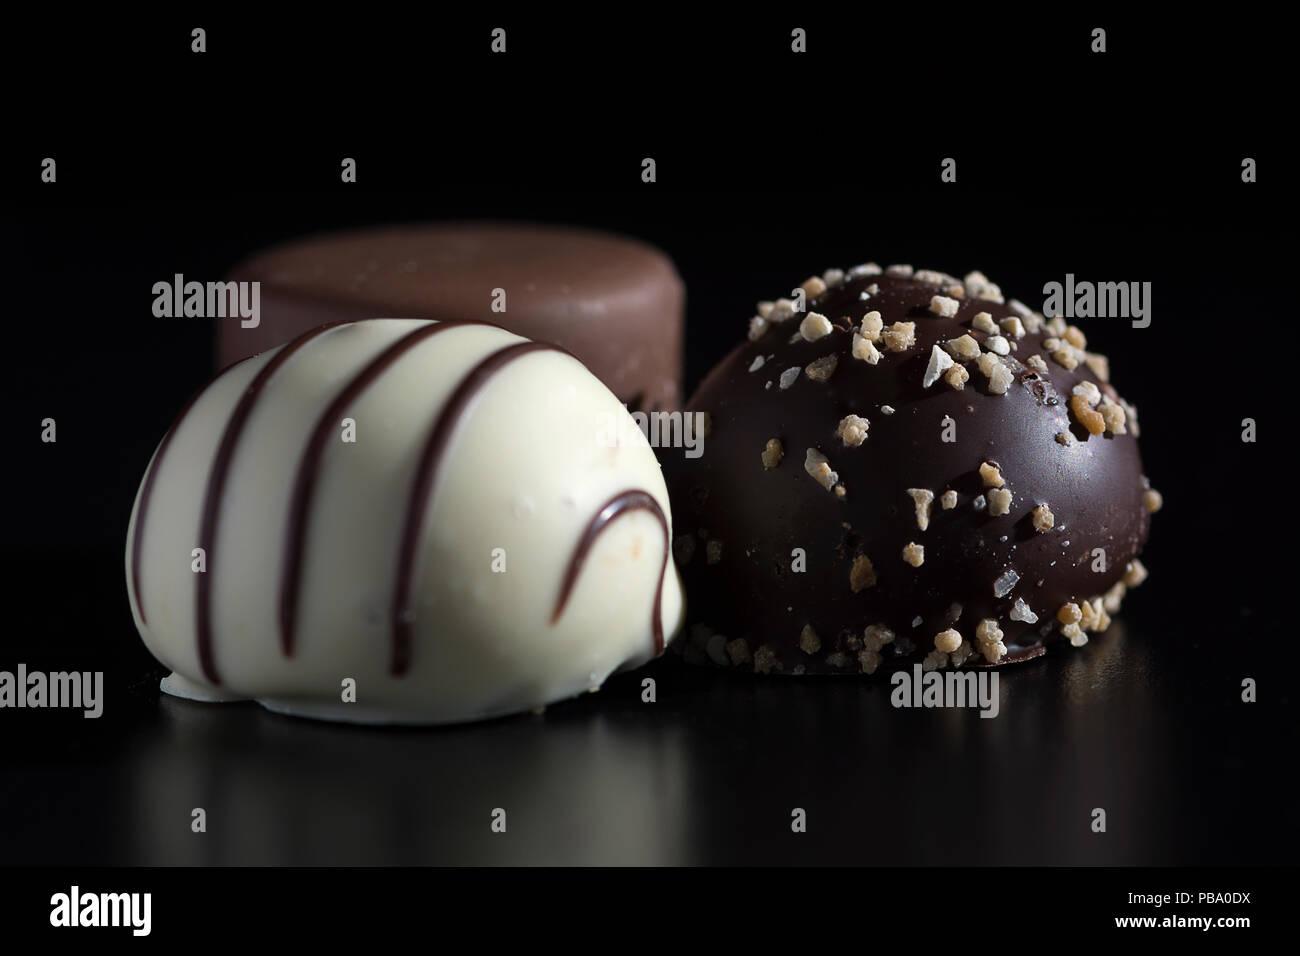 Nahaufnahme von drei Schokolade Bonbons, Weiß, dunkler und Milchschokolade. Süß, Kalorien-reichen und energiereiche Nahrung mit ungesunden und Mast Qualitäten Stockbild